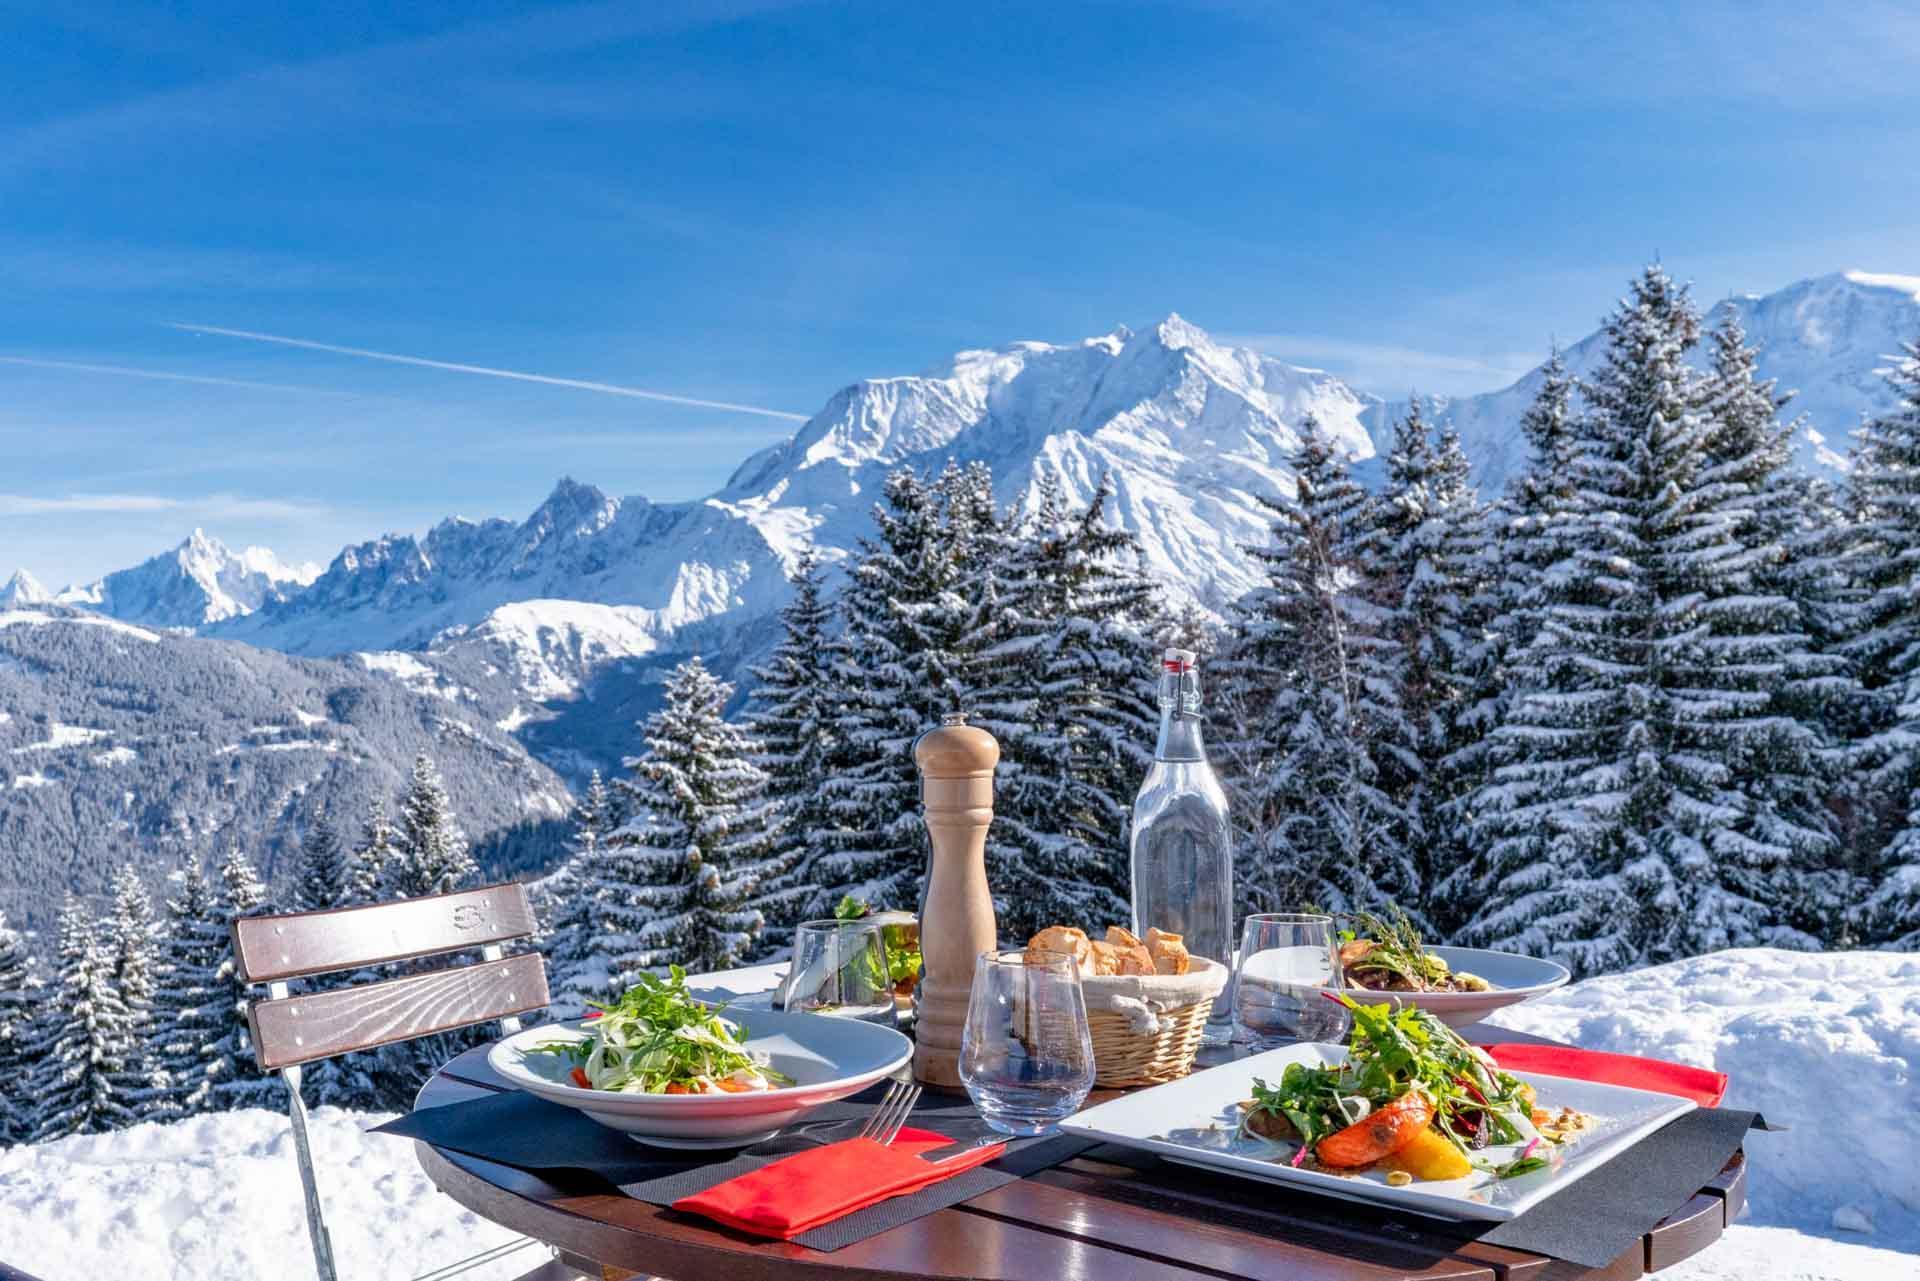 La gastronomie est à l'honneur sur les pistes, avec, bien sûr, la vue sur le Mont-Blanc © Boris Molinier